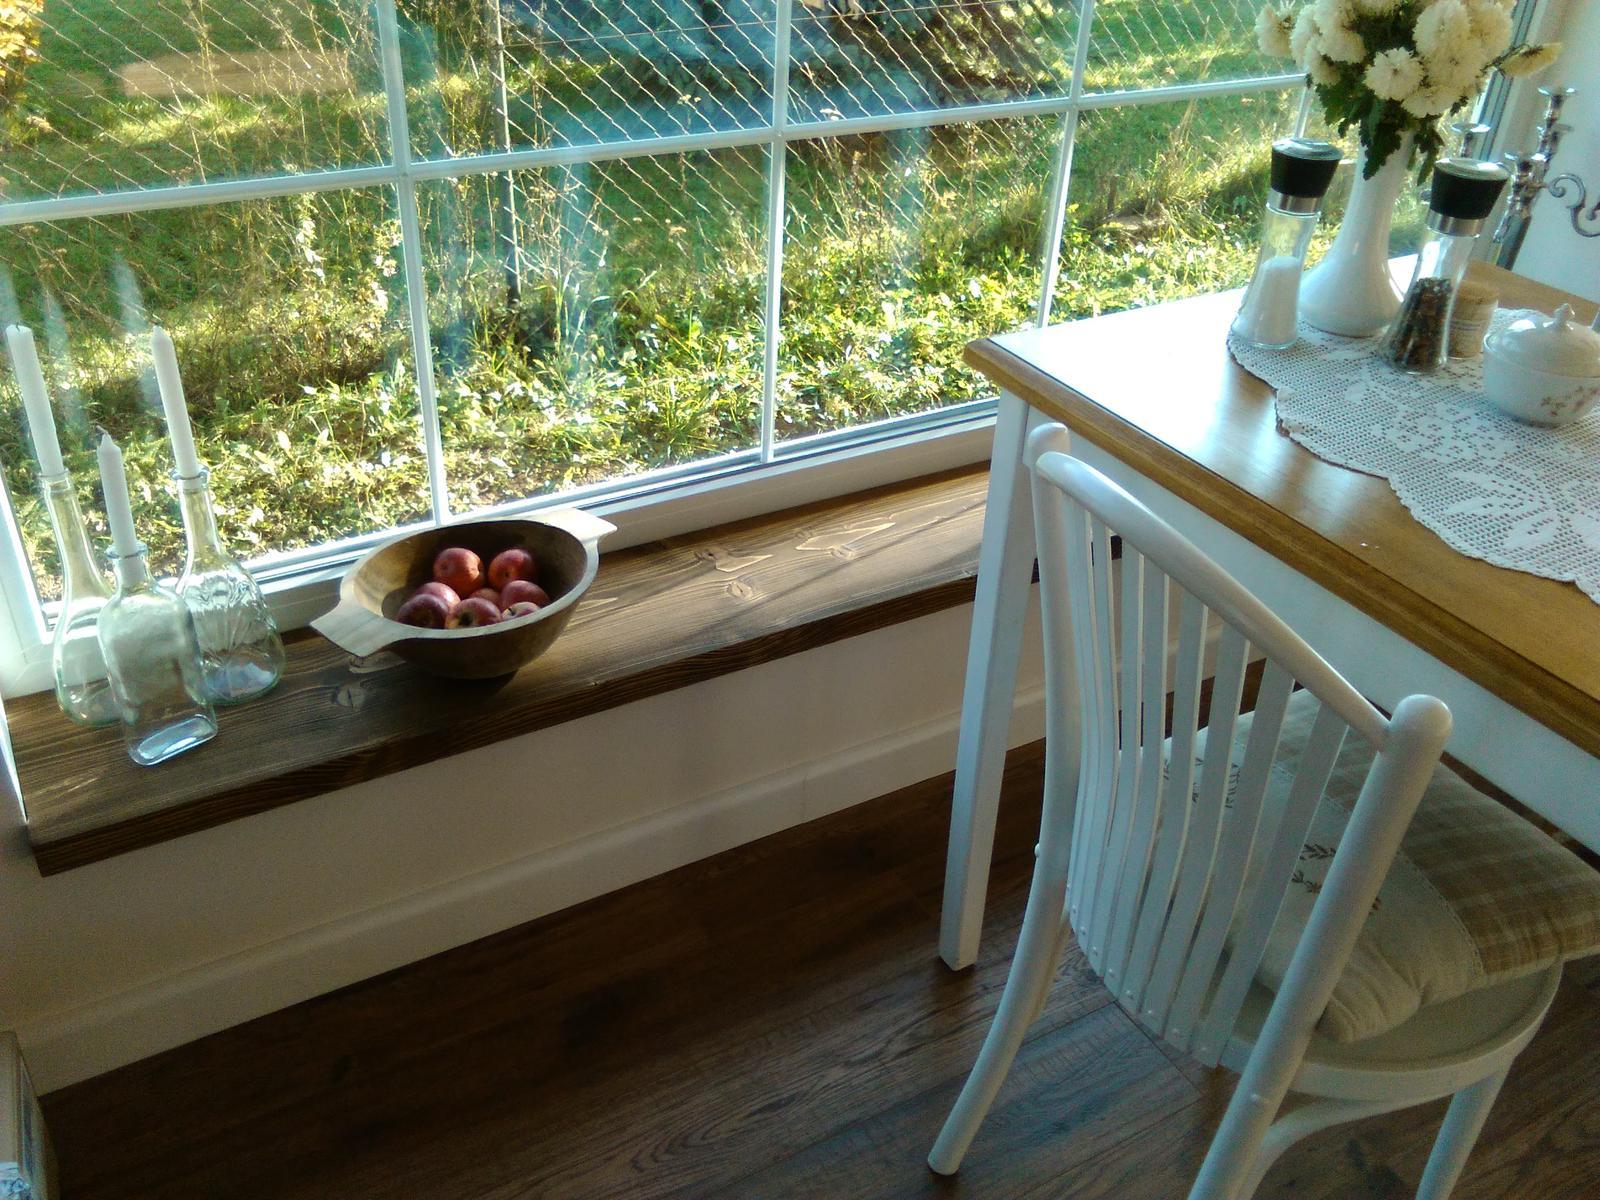 Náš nový domov-už bývame :-) - parapeta na jedalenskom okne hotová